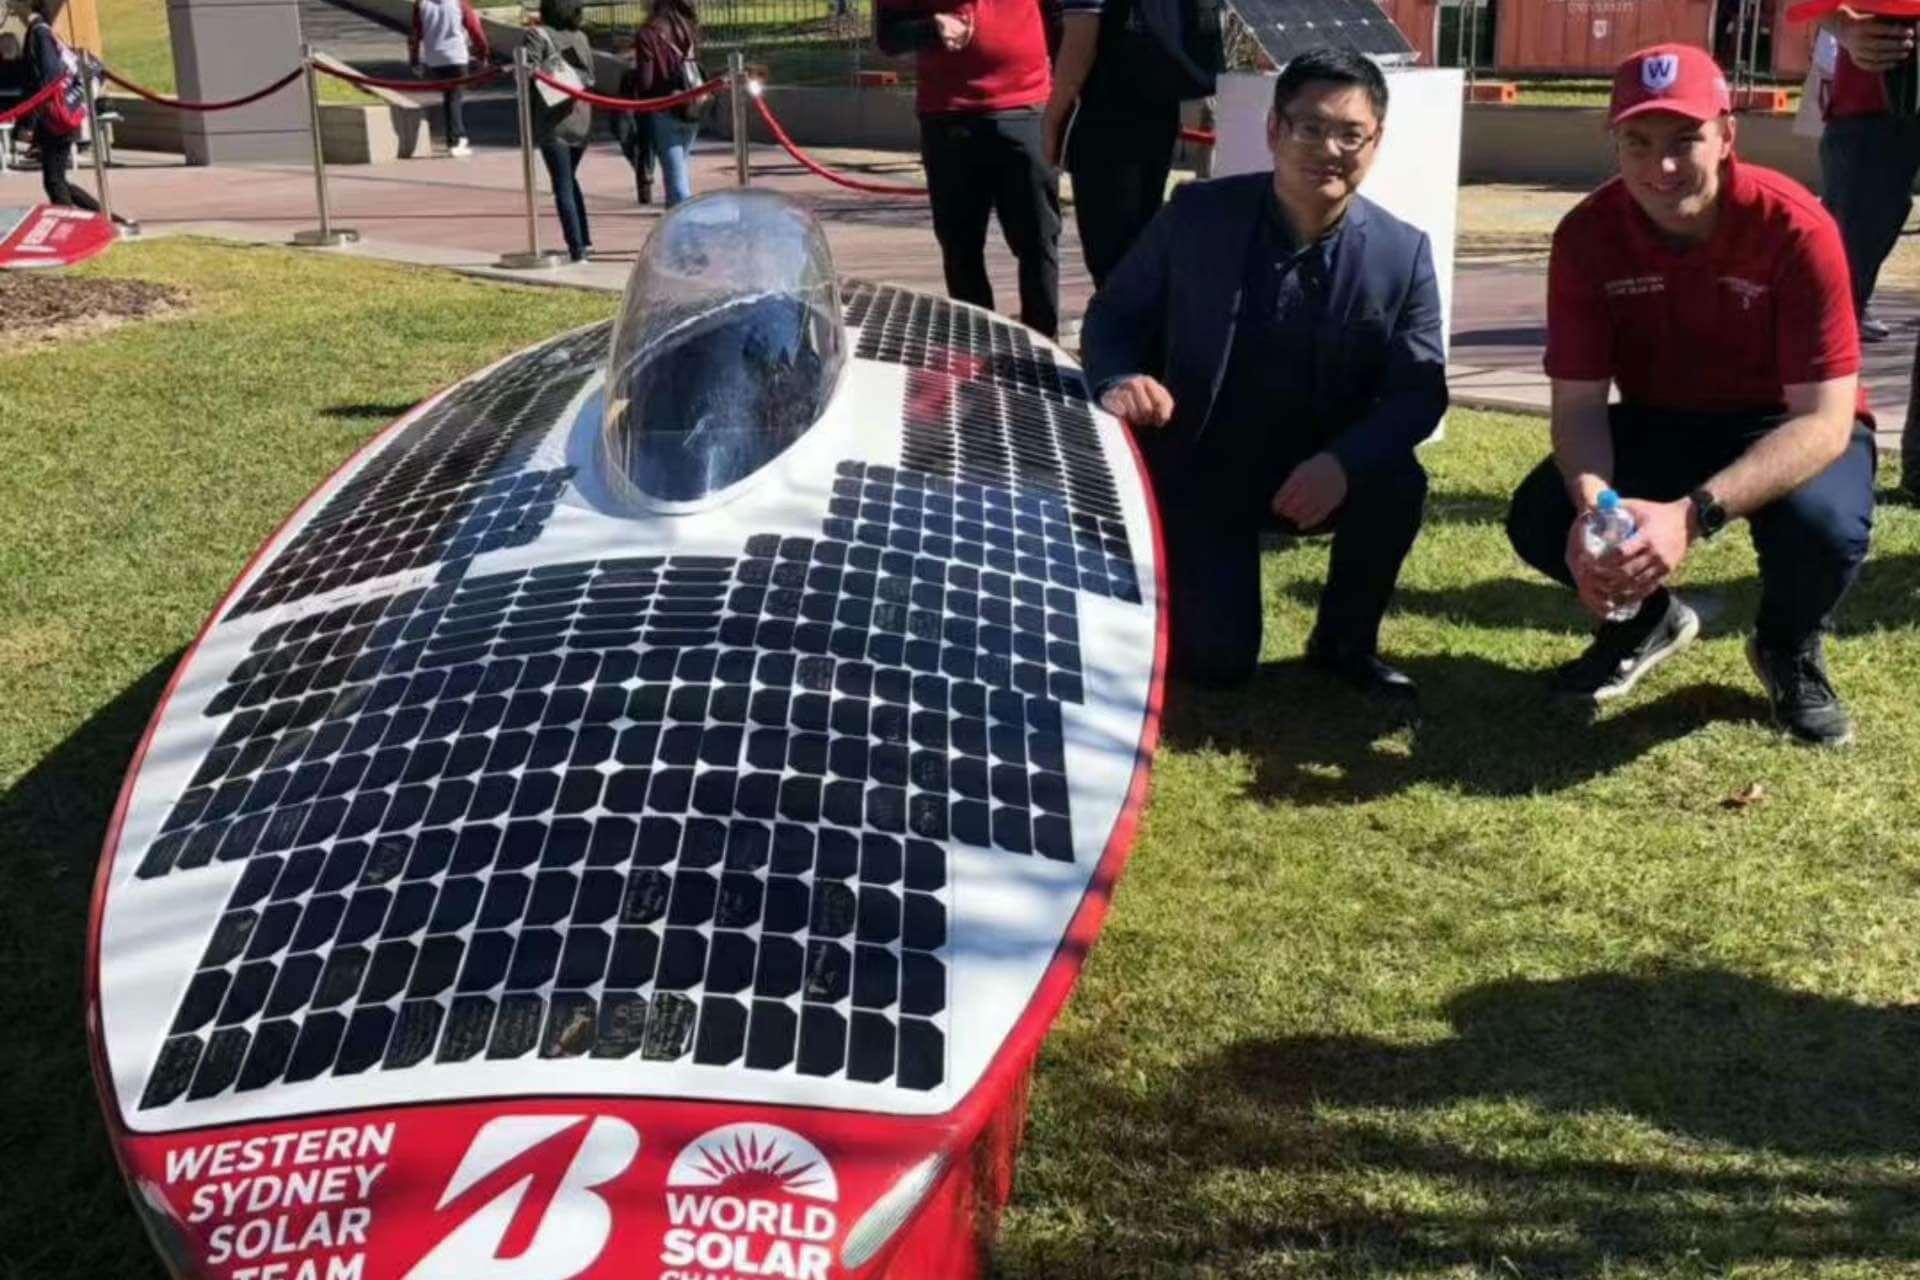 太阳能汽车大赛冠军